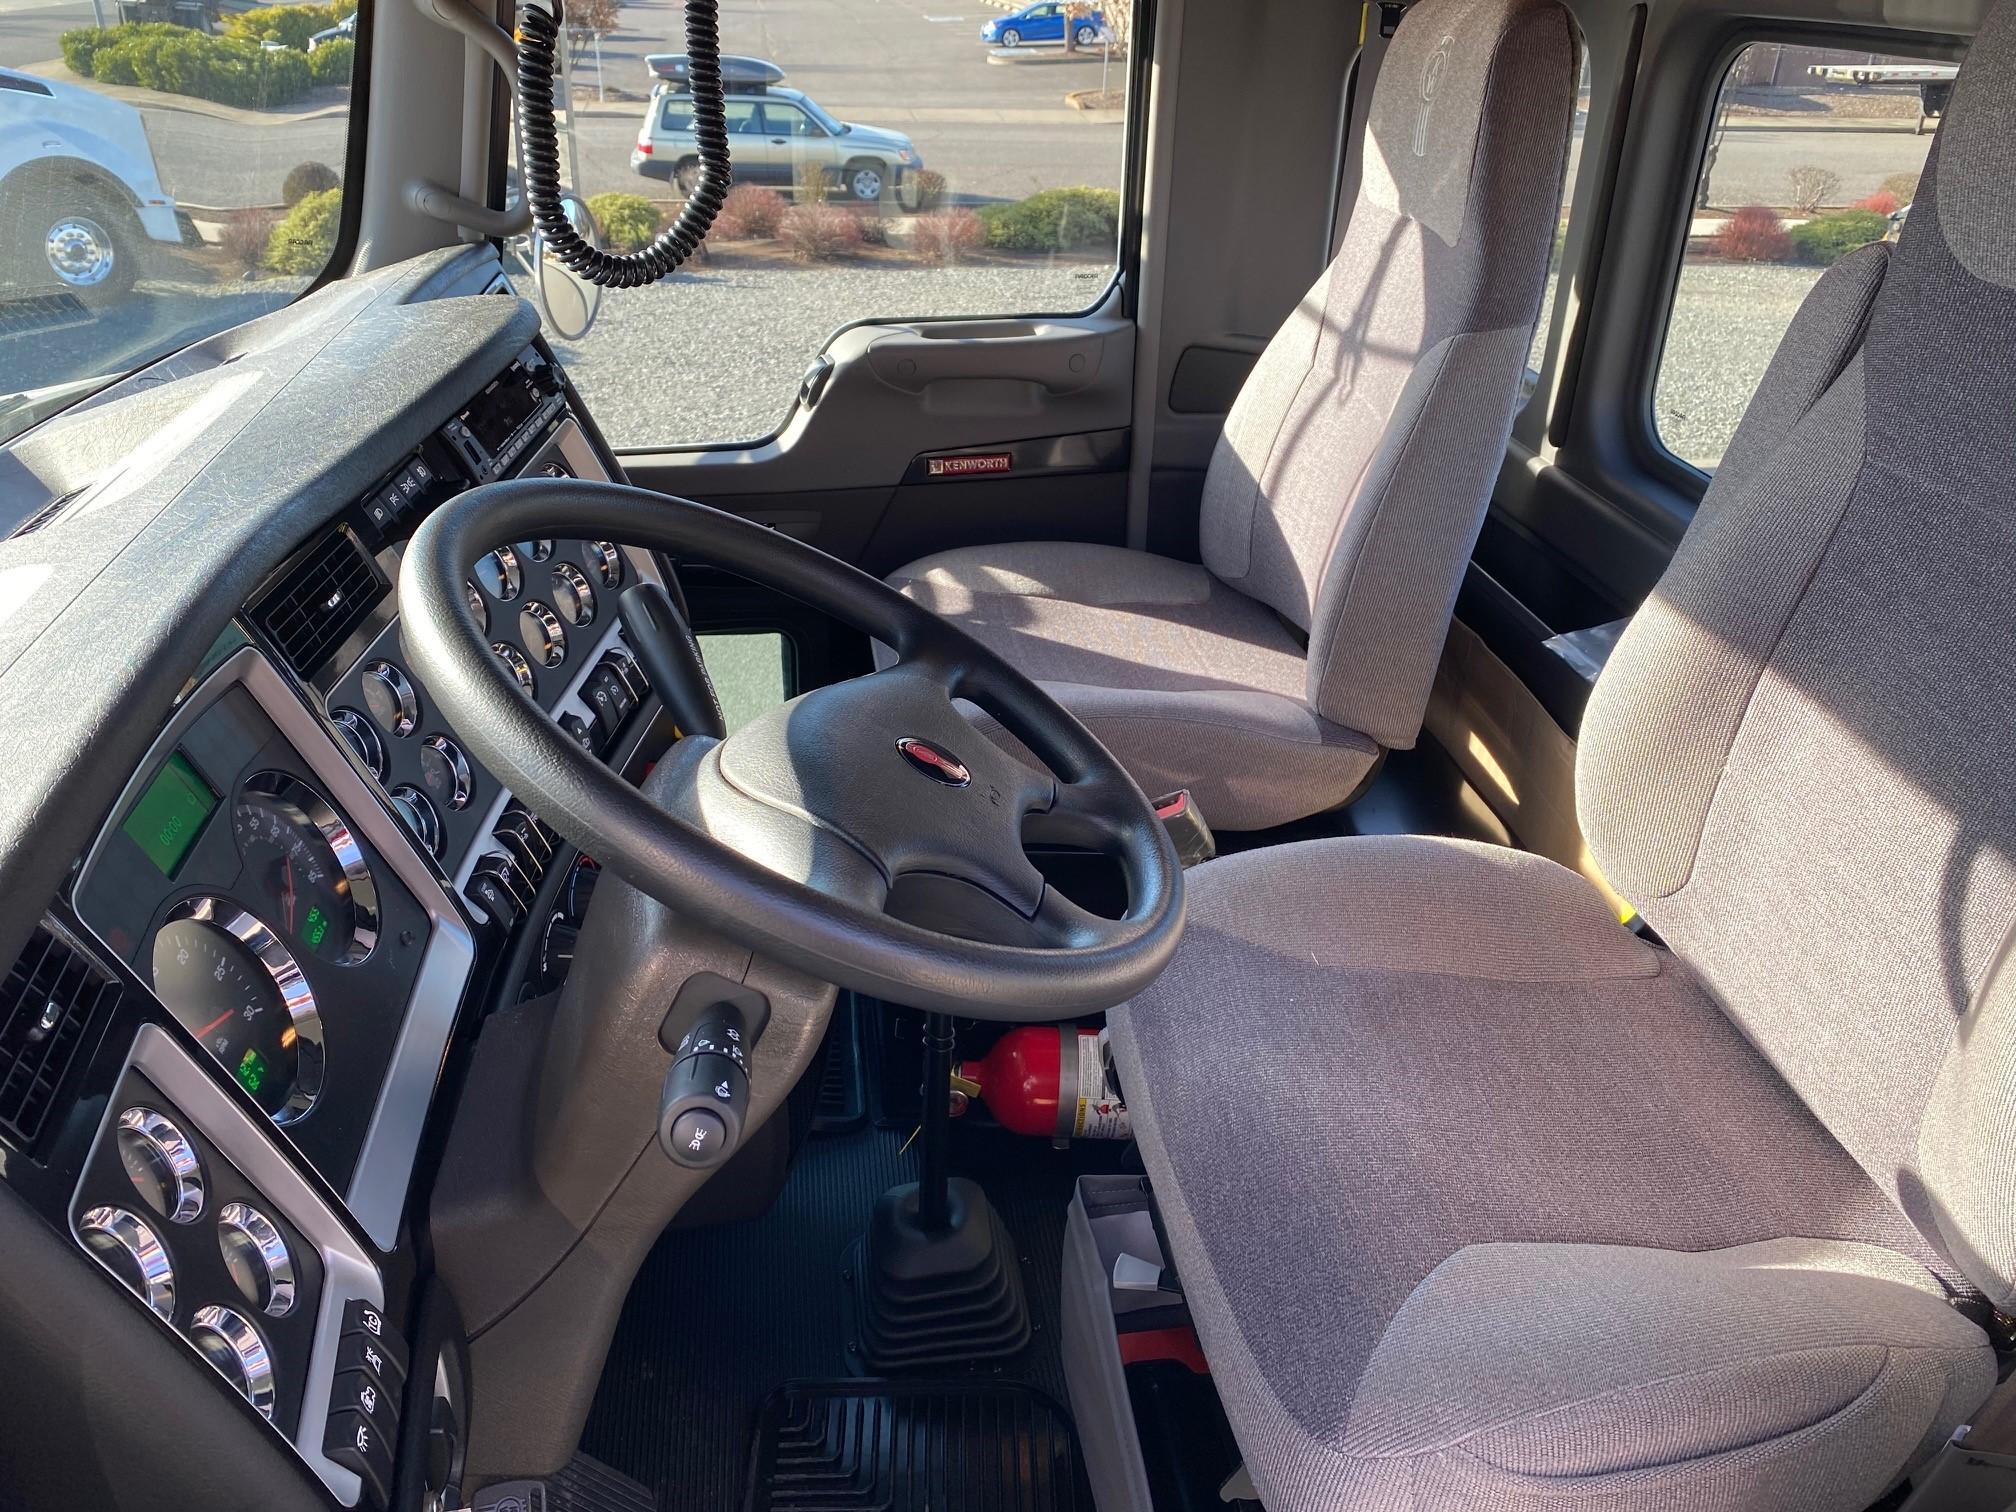 2021 Kenworth T800